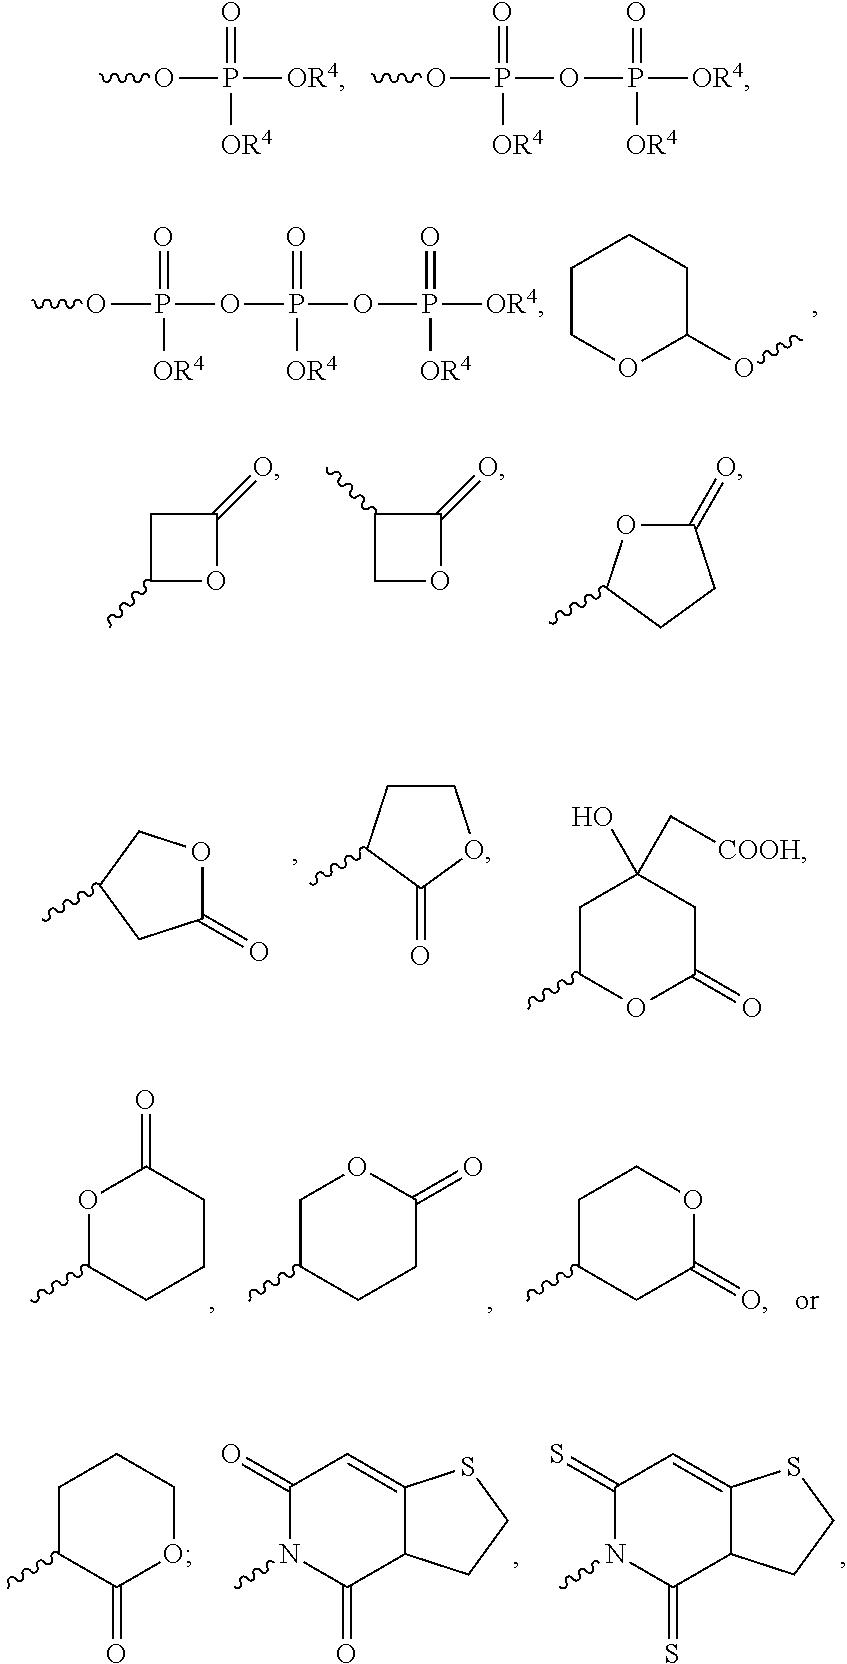 Figure US09662307-20170530-C00017